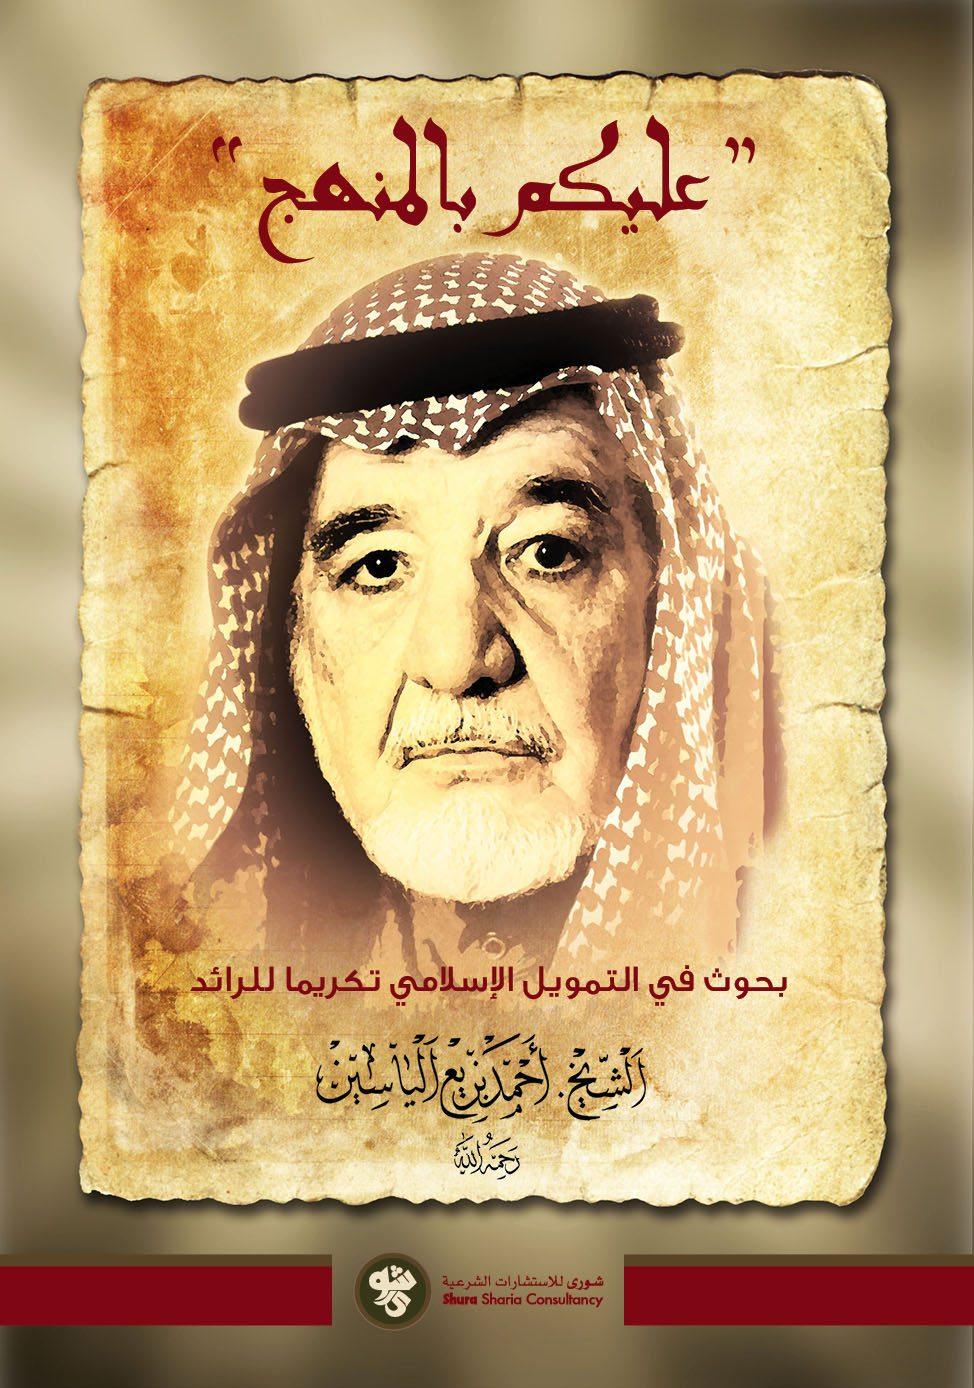 """""""عليكم بالمنهج"""" تكريما للرائد الشيخ أحمد بزيع الياسين رحمه الله"""